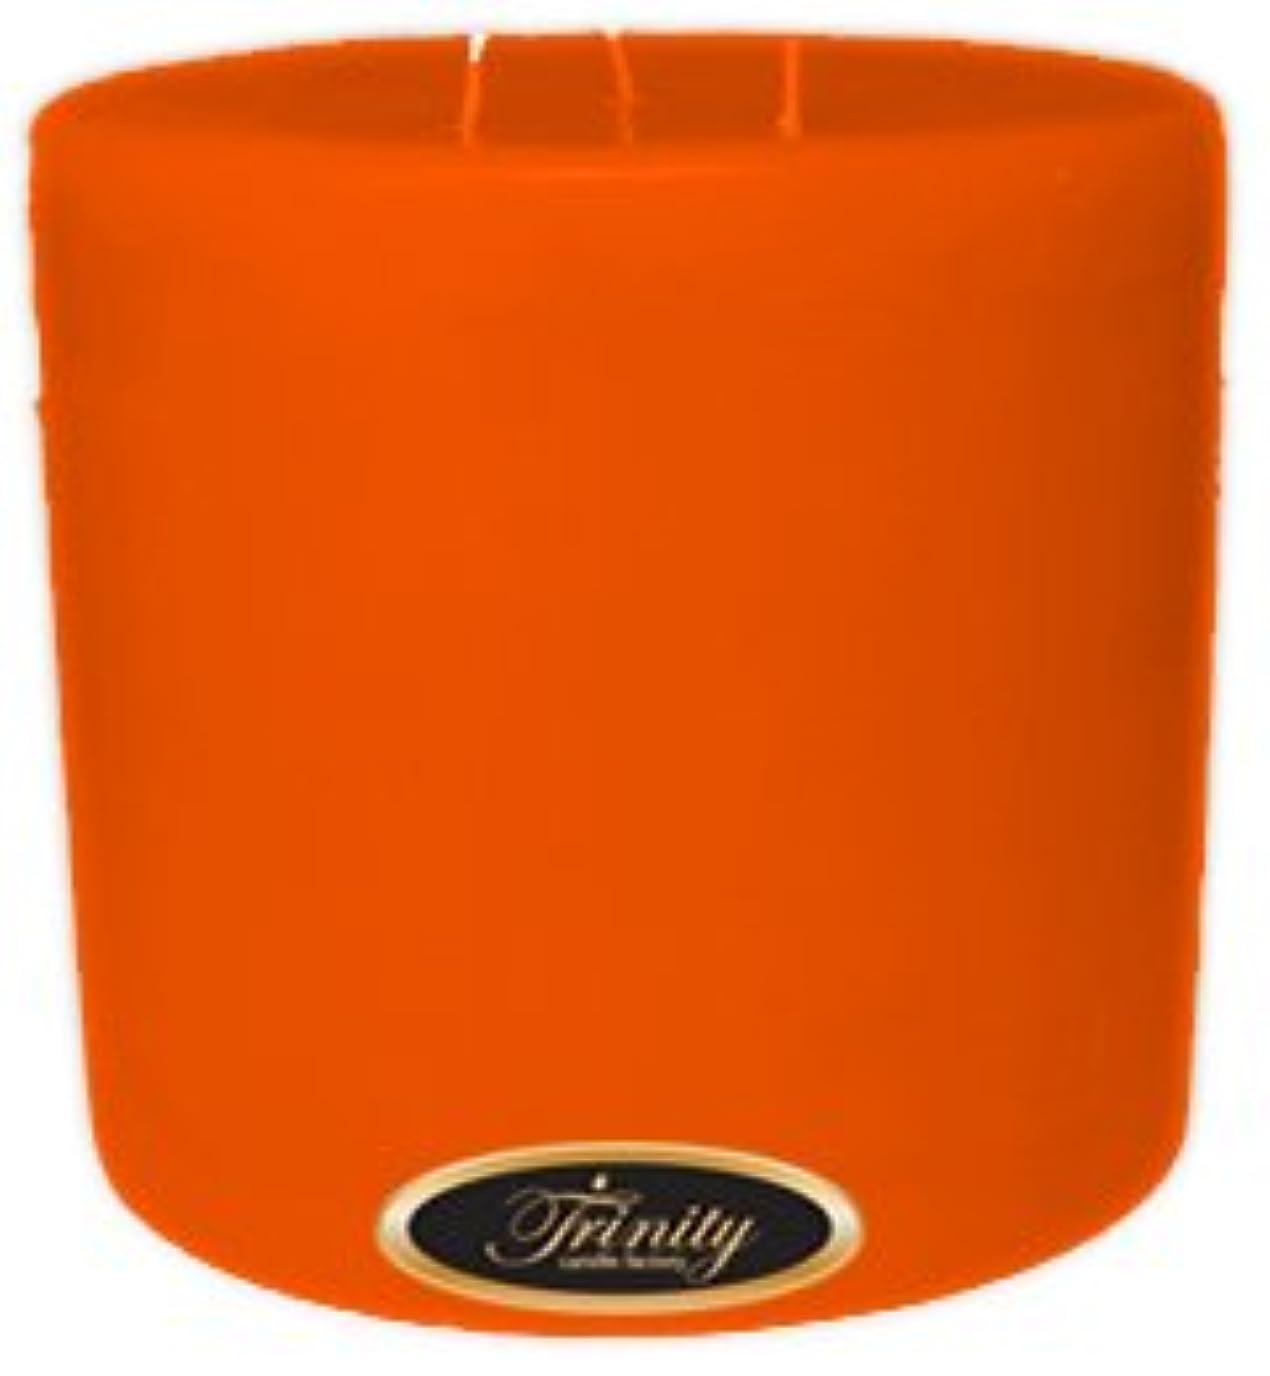 息切れパス賃金Trinity Candle工場 – フロリダオレンジ – Pillar Candle – 6 x 6